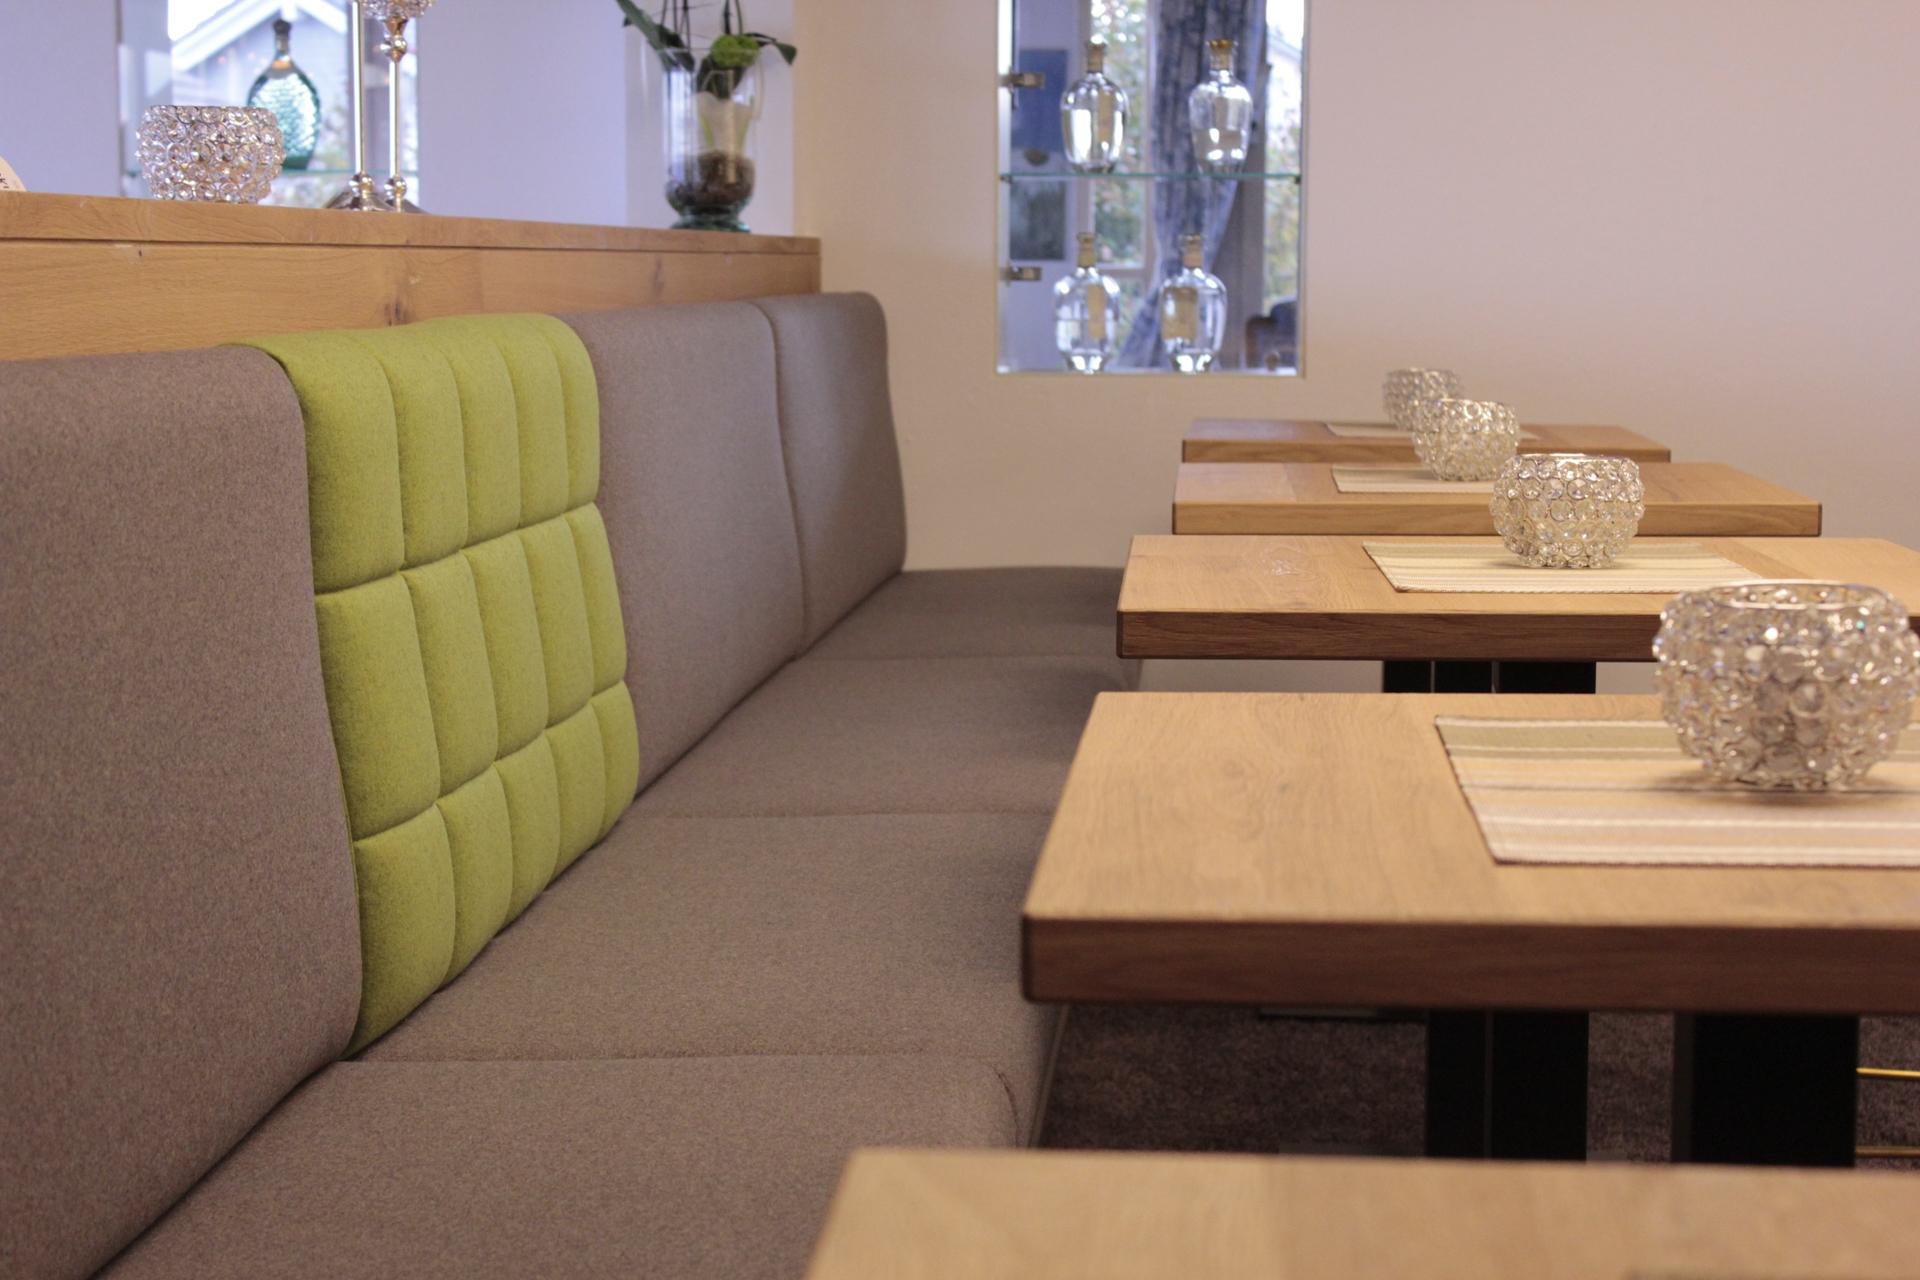 tischlerei-decker-hotel-schoenbuch-restaurant-sitzbank